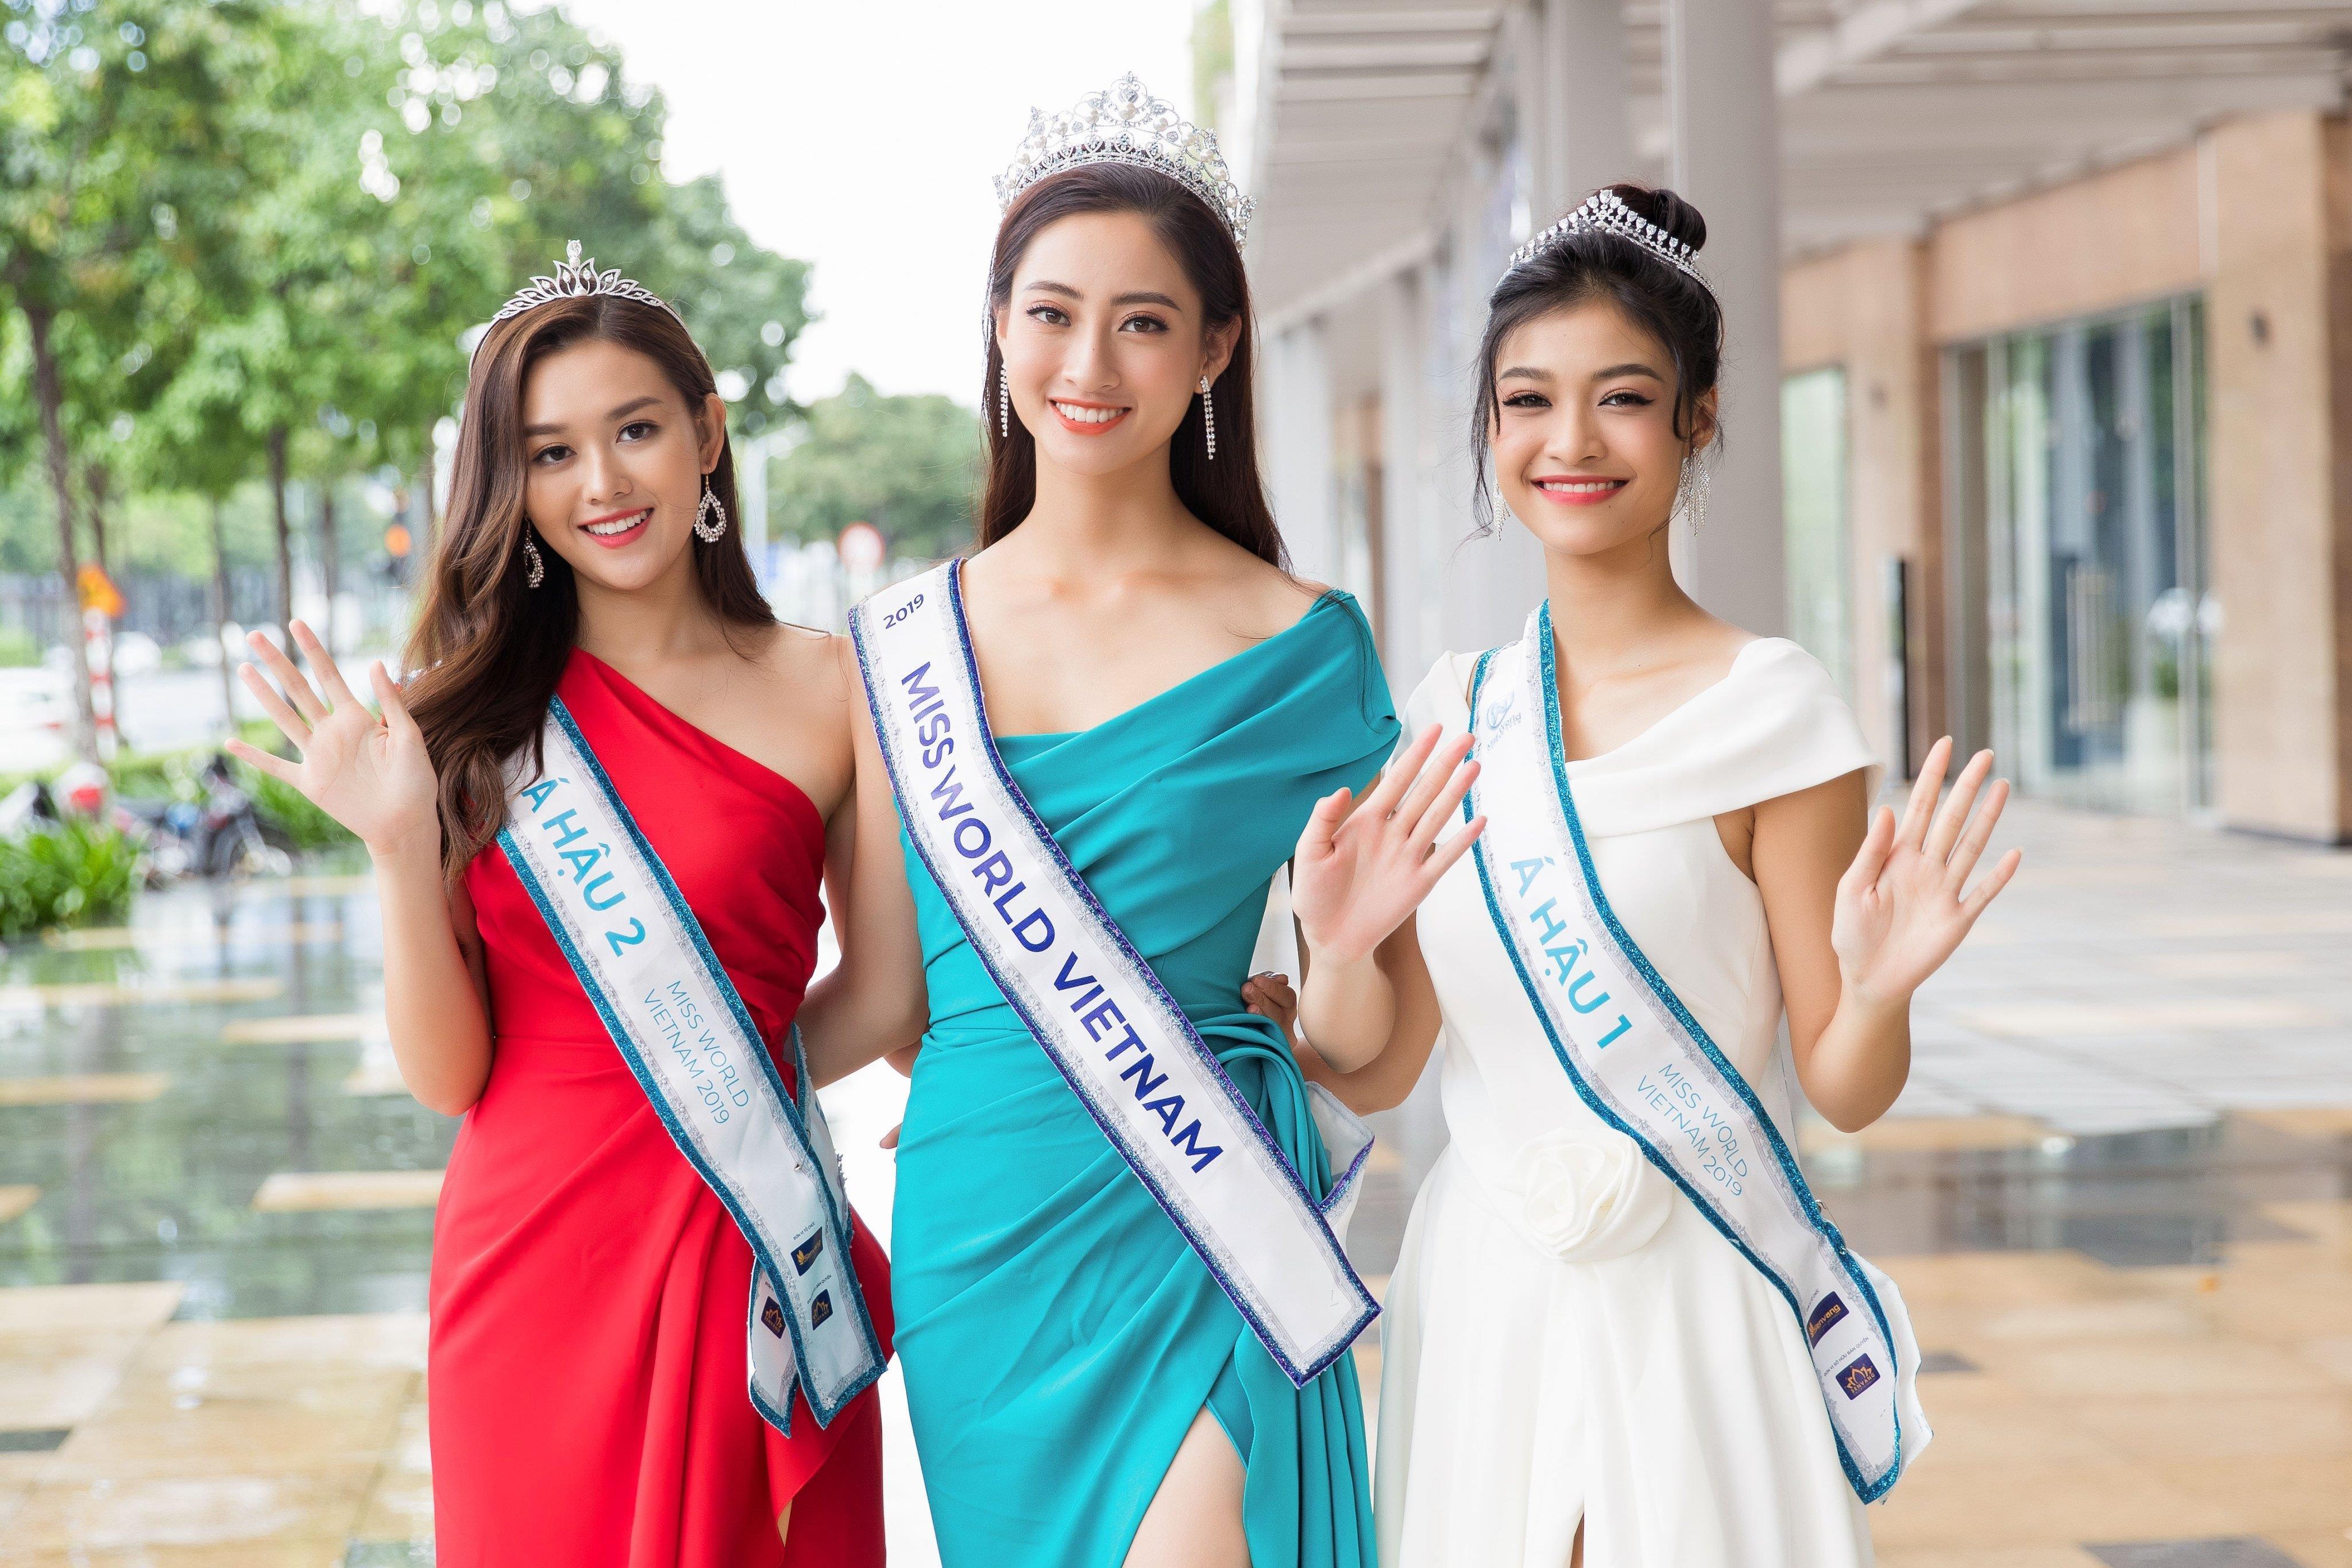 Hoa hau The gioi Viet Nam 2019 anh 10